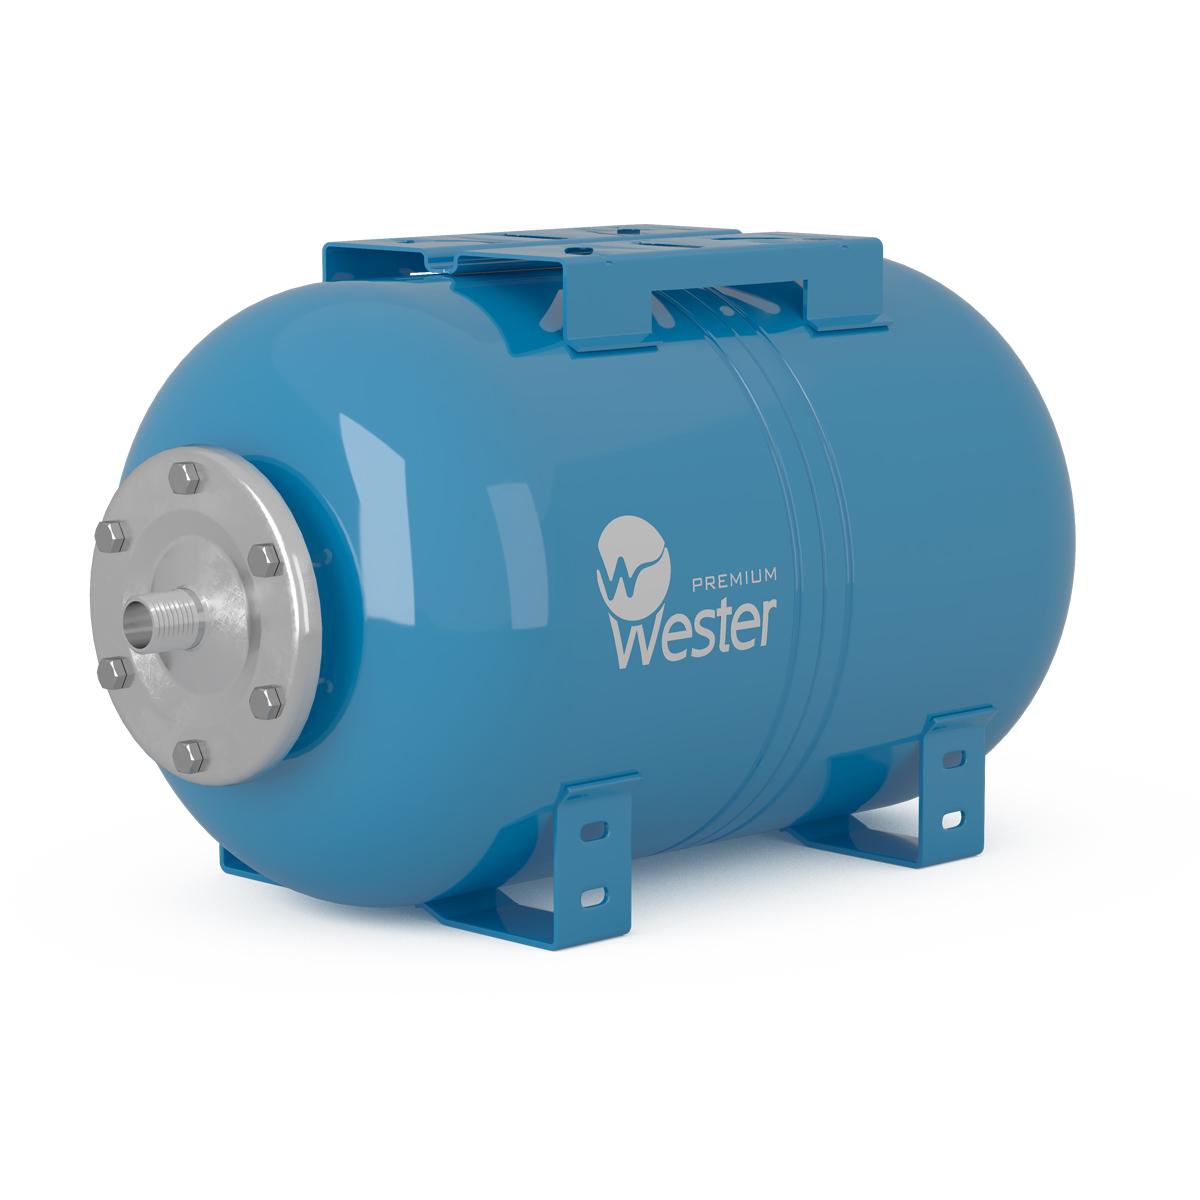 Бак мембранный для водоснабжения гориз-ный Wester Premium WAO100 нерж. контрфланец